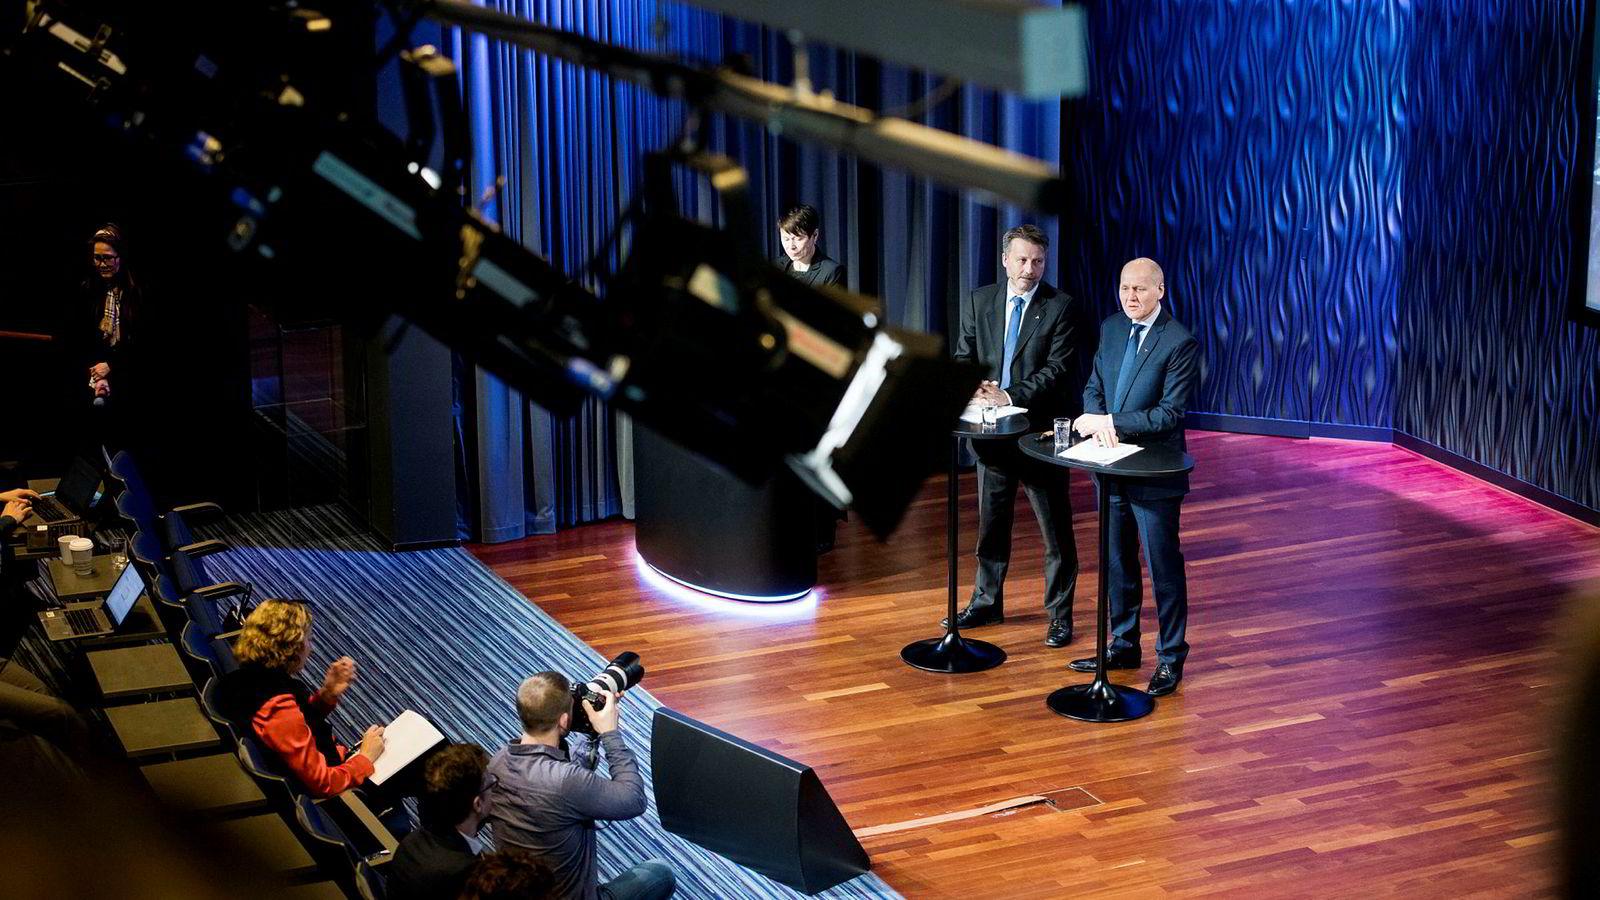 Mange av lederne under Telenor-sjef Sigve Brekke har kontrakter med begrenset varighet, gjerne tre år. Ifølge selskapet er dette for å sikre rullering. Her fra en kvartalspresentasjon tidligere i år med finansdirektør Jørgen C. Arentz Rostrup (til venstre), Telenor-sjef Sigve Brekke og Skandinavia-sjef Berit Svendsen på første rad i salen.